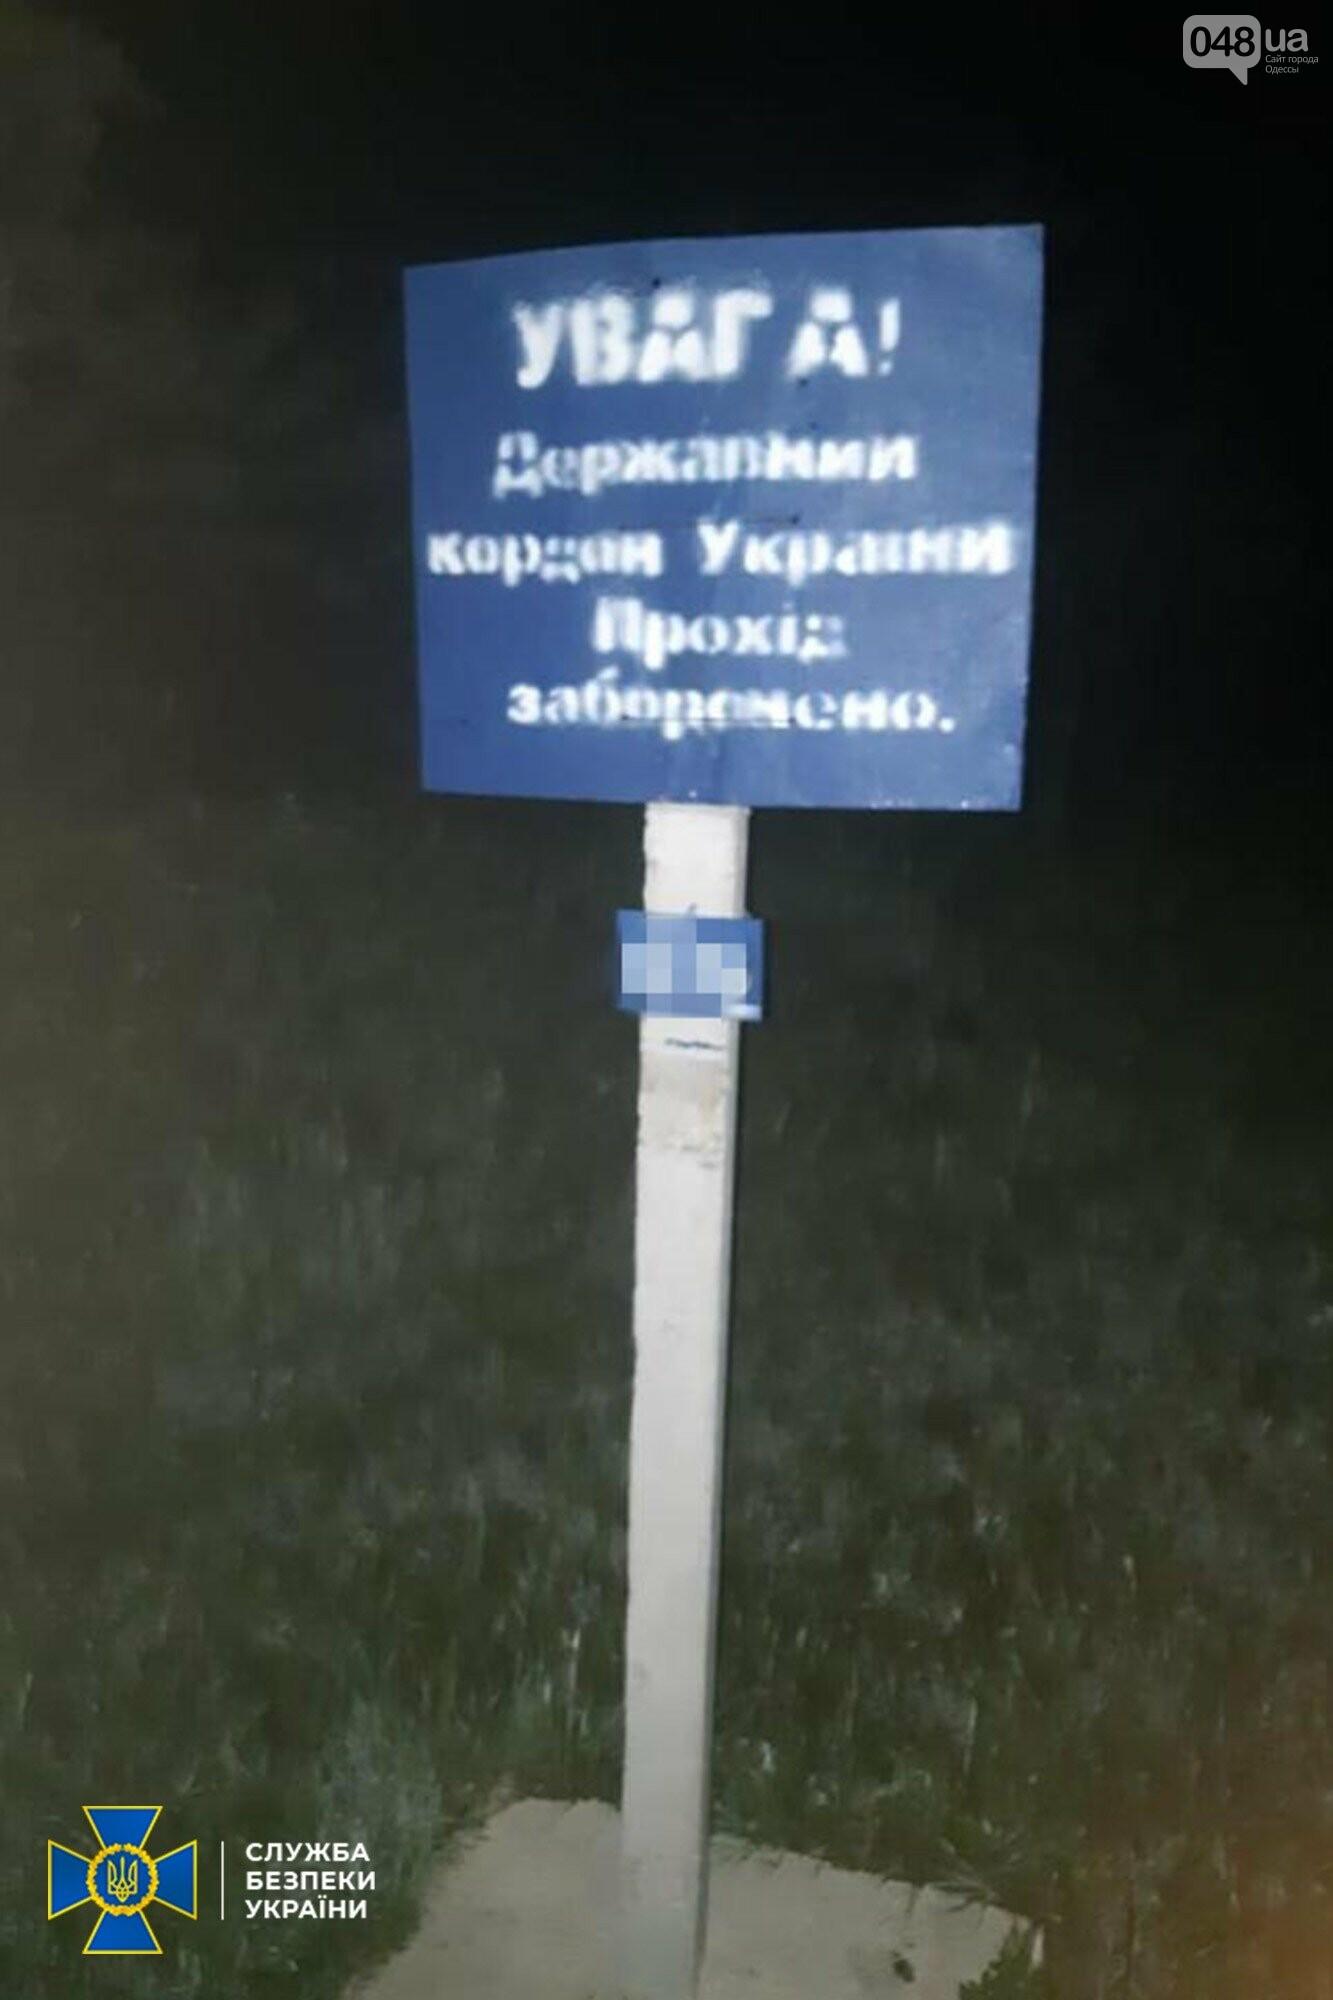 Оружие, контрабанда и нелегалы: сотрудники СБУ разоблачили международную преступную группу, - ФОТО, фото-5